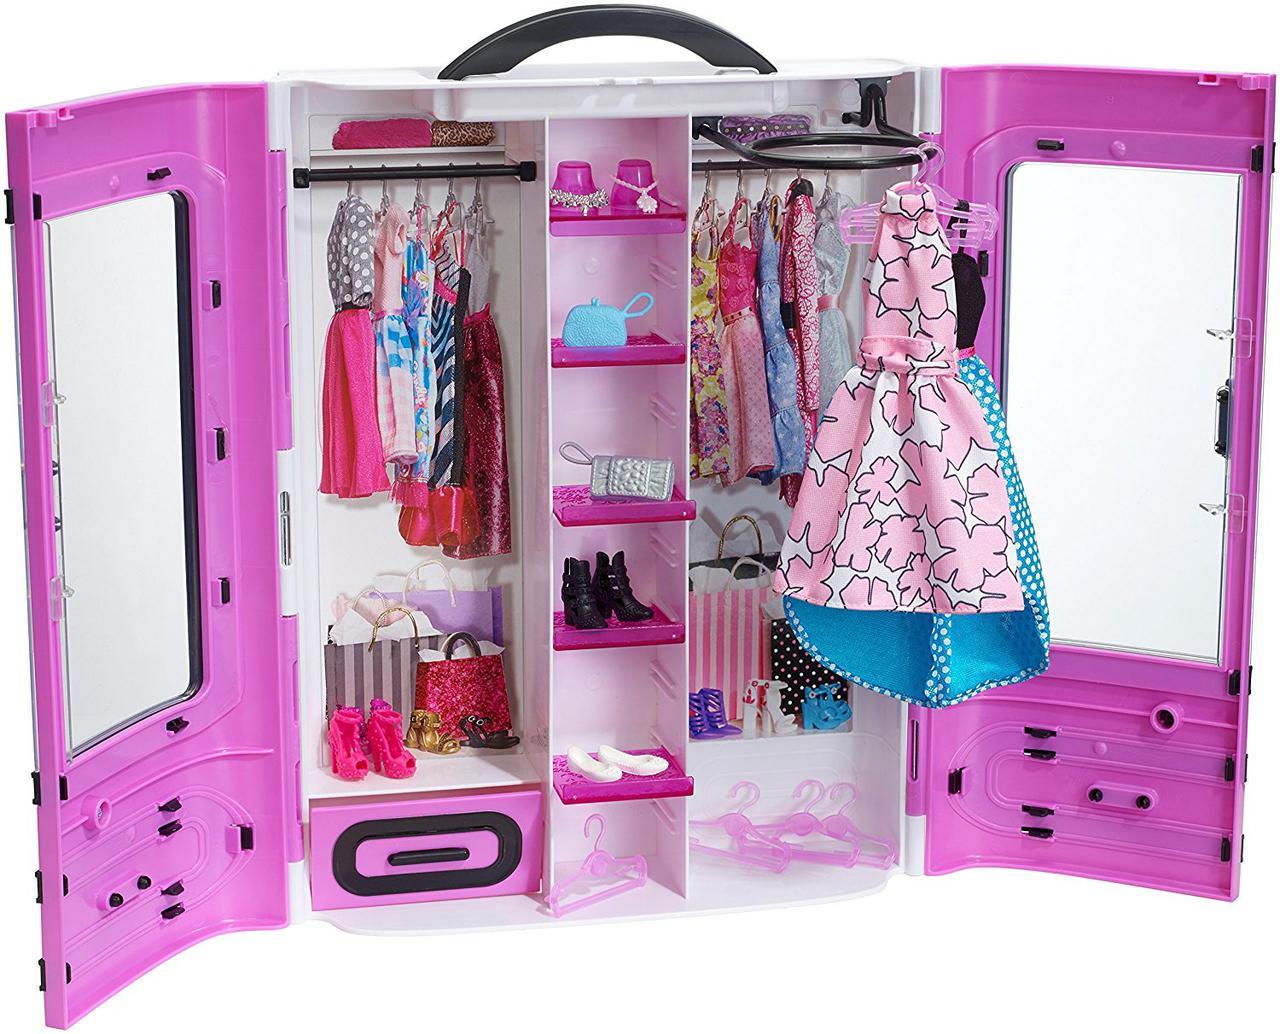 Игровой набор куклы Барби модный гардероб шкаф розовый Barbie Fashionistas Ultimate Closet